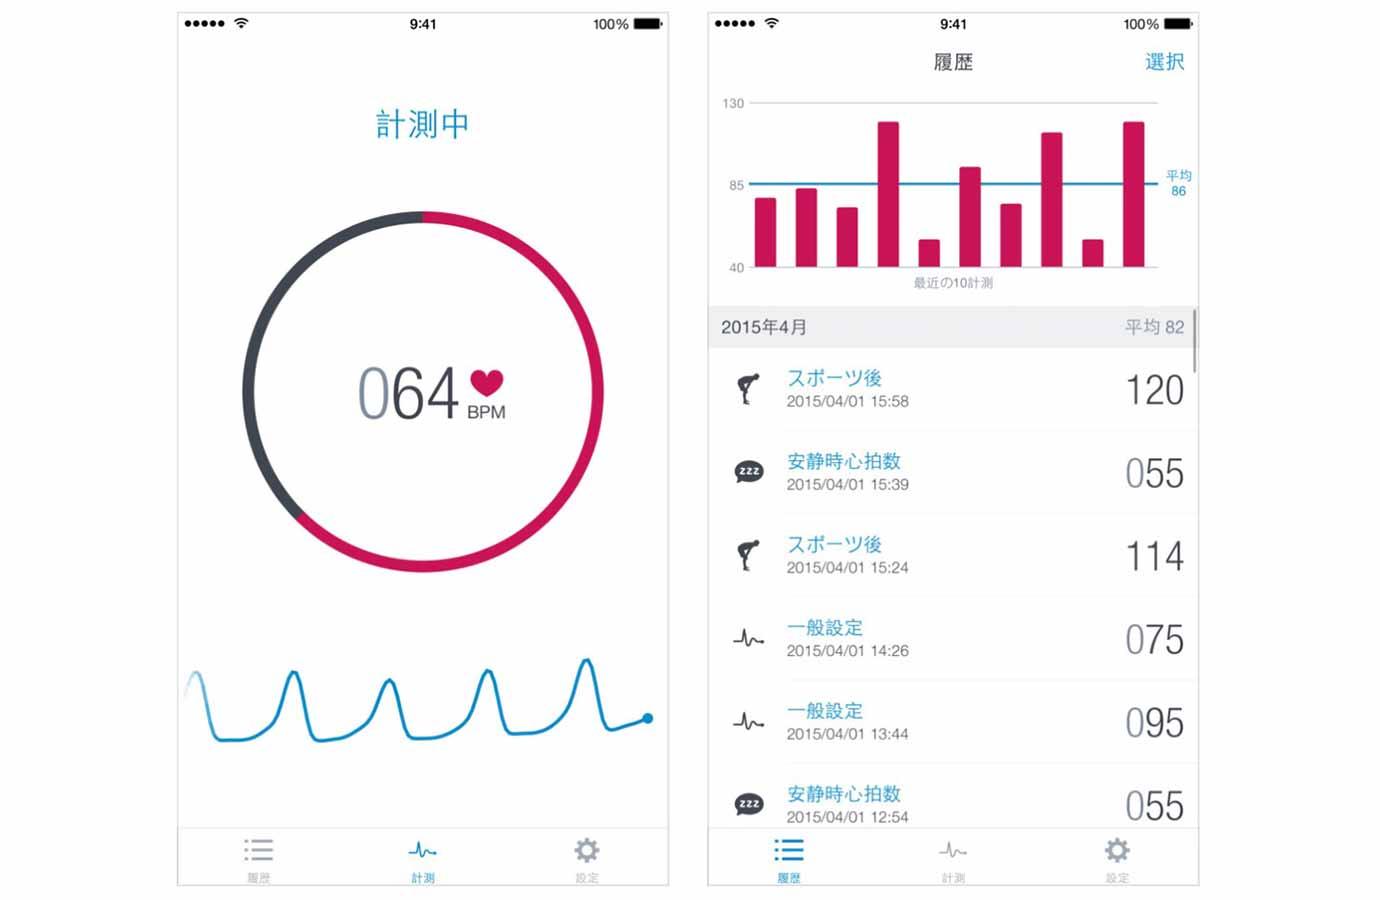 250円 → 無料!カメラを使って心拍数を正確に計測できる「Runtastic Heart Rate PRO」など【6月11日版】アプリ値下げ情報